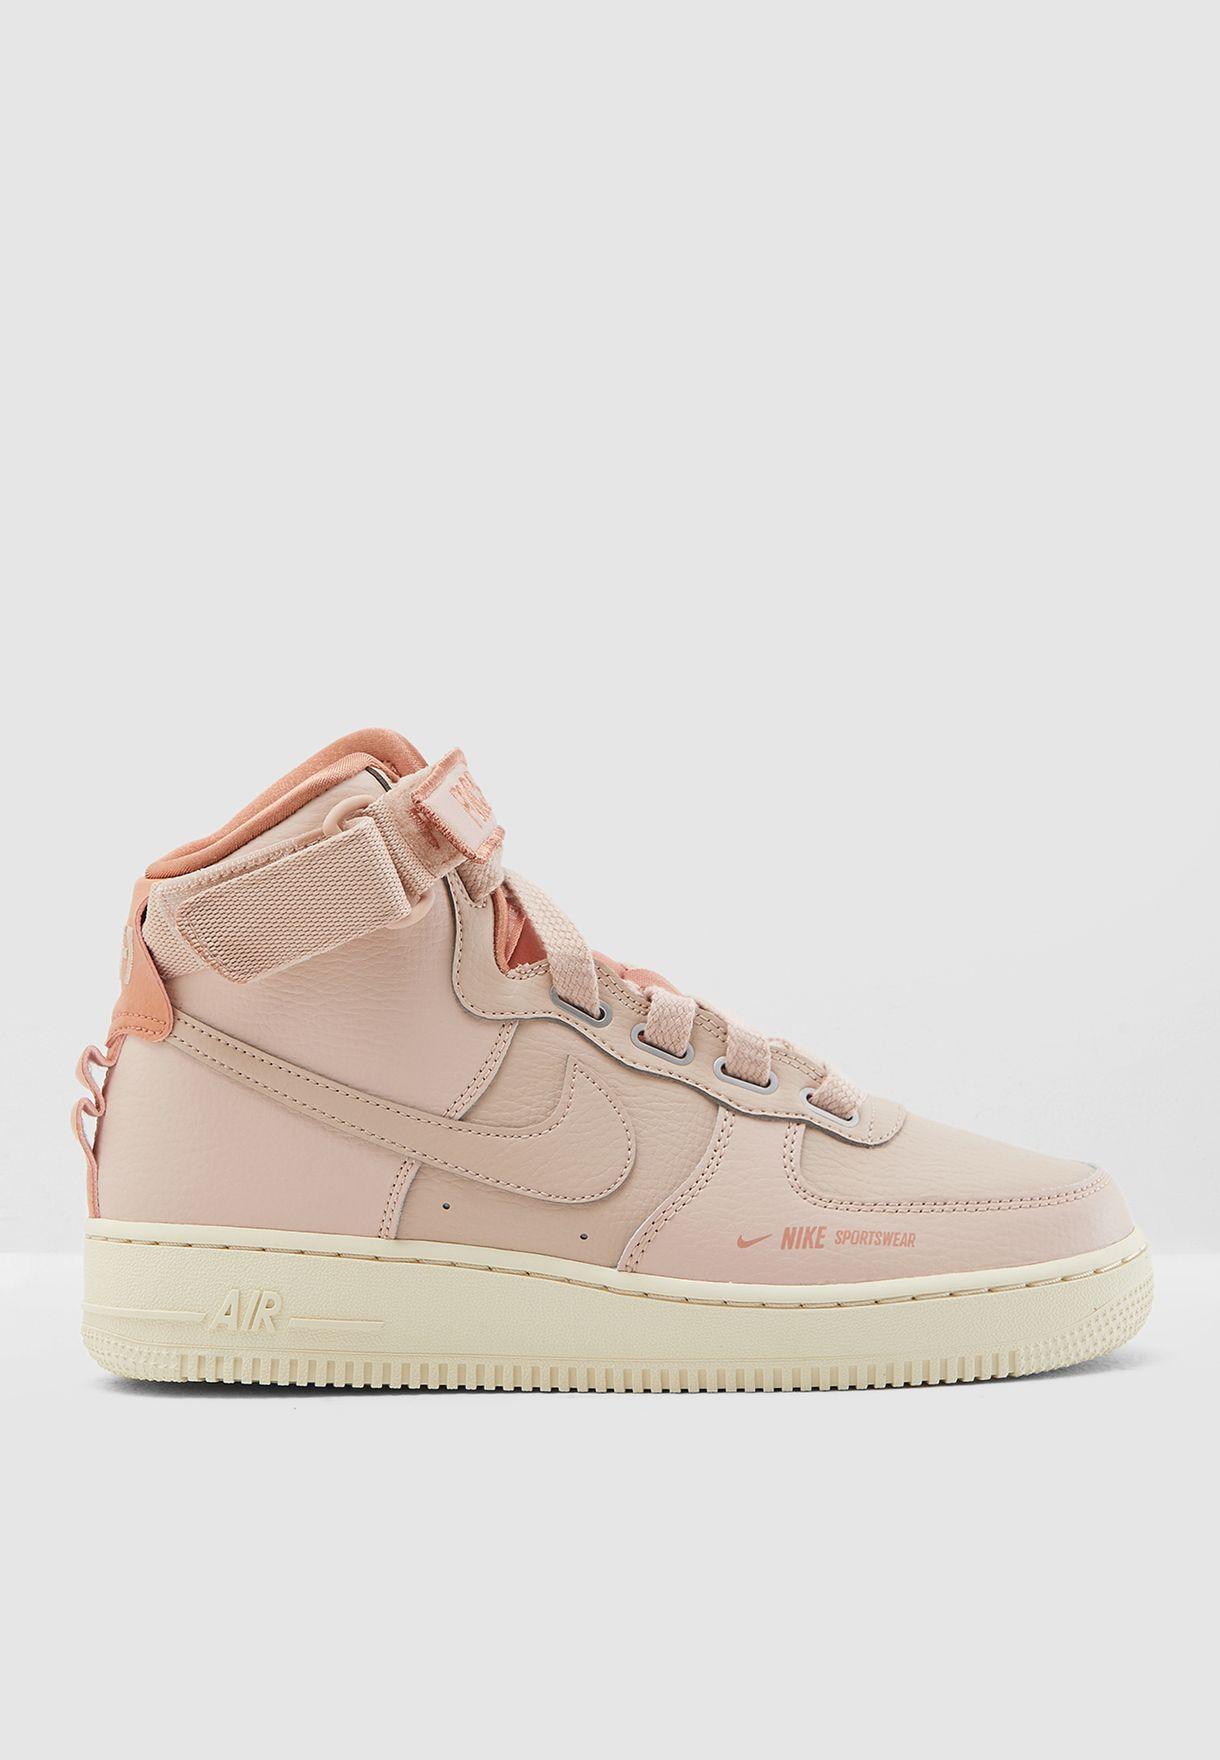 Air Force 1 High UT